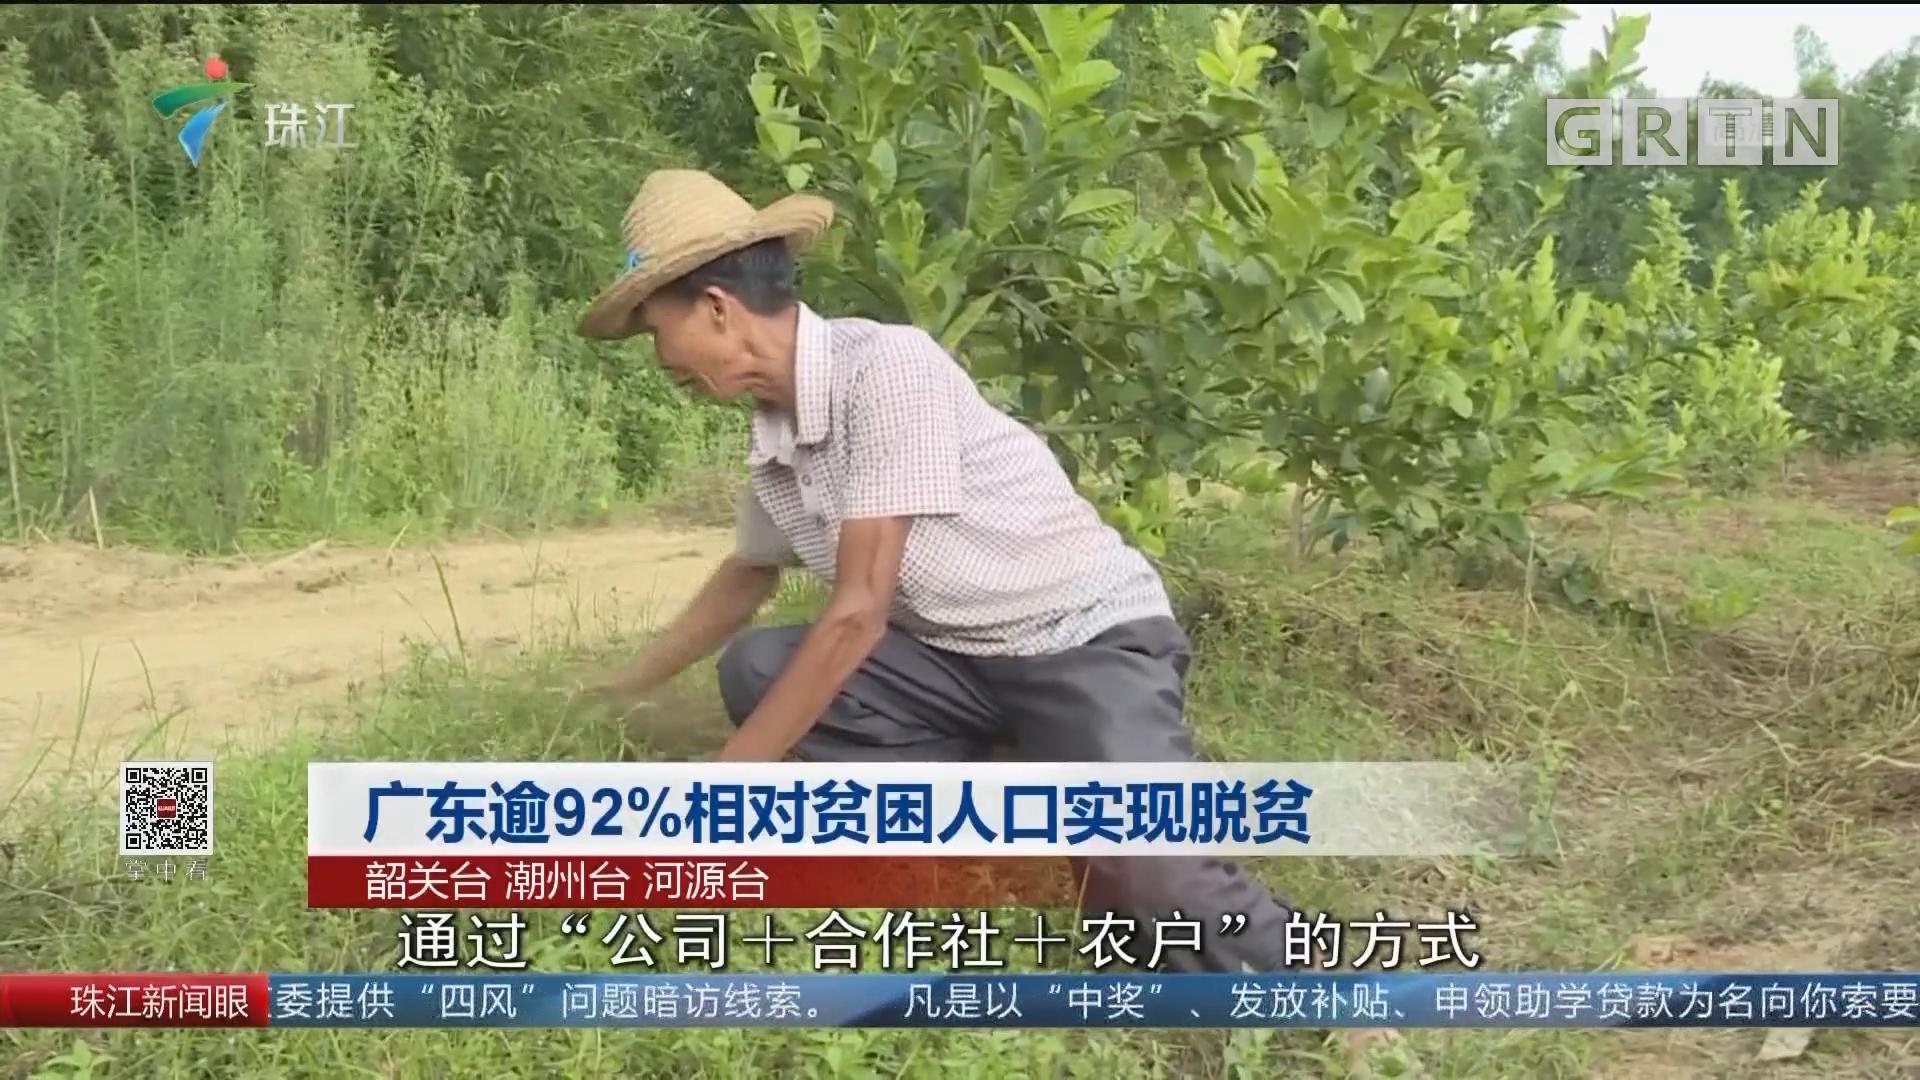 廣東逾92%相對貧困人口實現脫貧